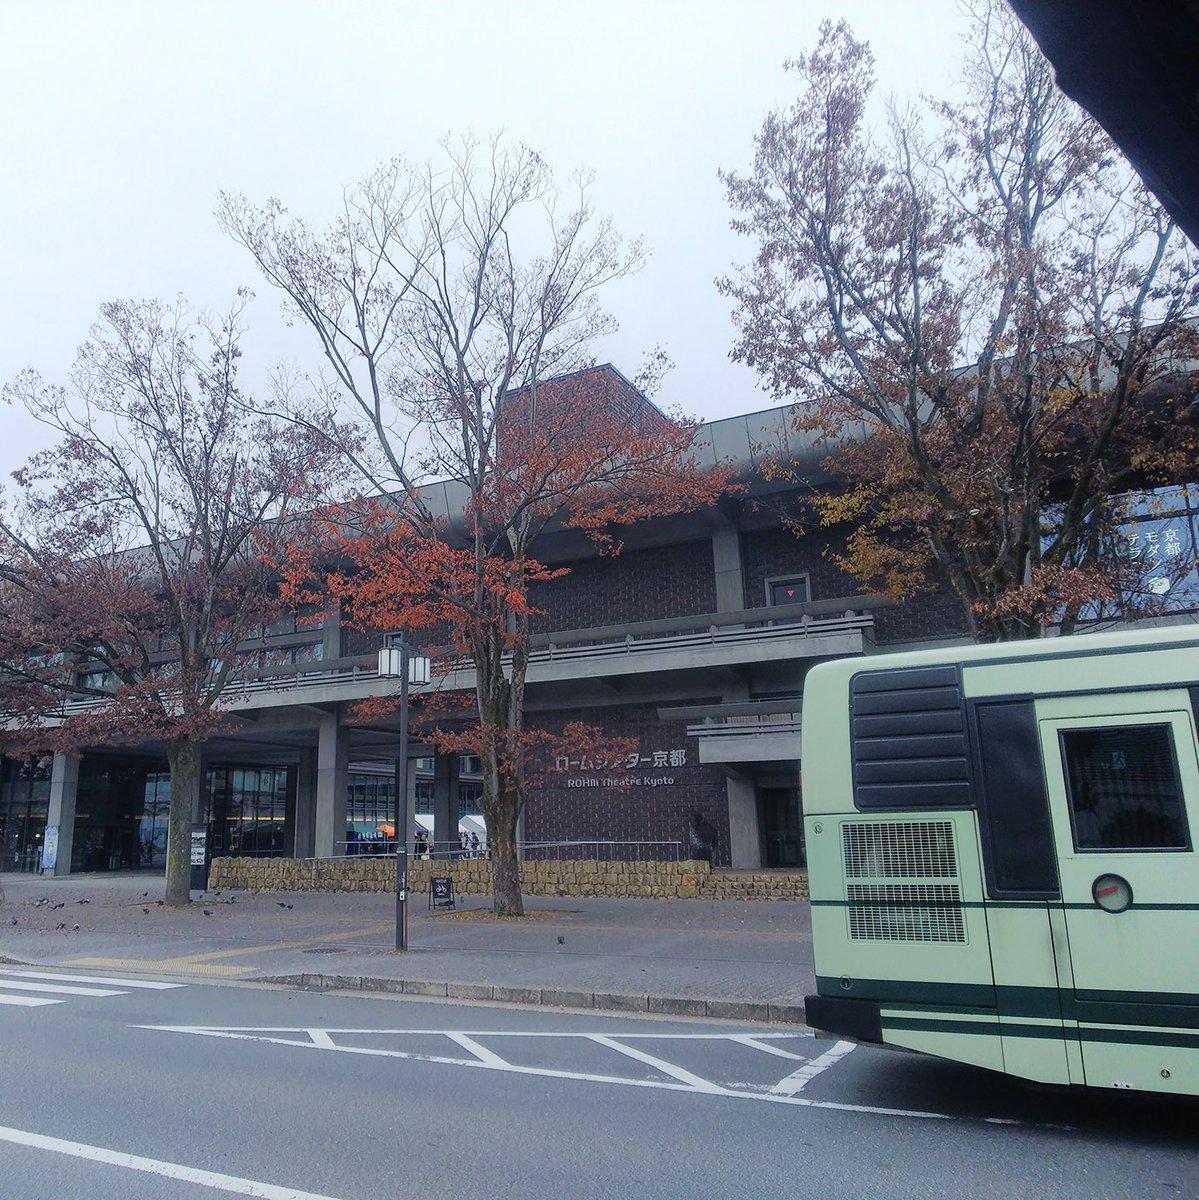 #京premiumlive2019 ⛩️🎵TOMORROW🎵1ミリ Symphony🎵Everlasting Glory🎵紅花火🎵コレカラ京Premium Liveのおかげでどんどん京都が好きになる😊✨上までいっぱい盛り上がってくれてありがとうございました😆‼️また京都でお会いしませう🙆🌈BY:#Machico(・山・)